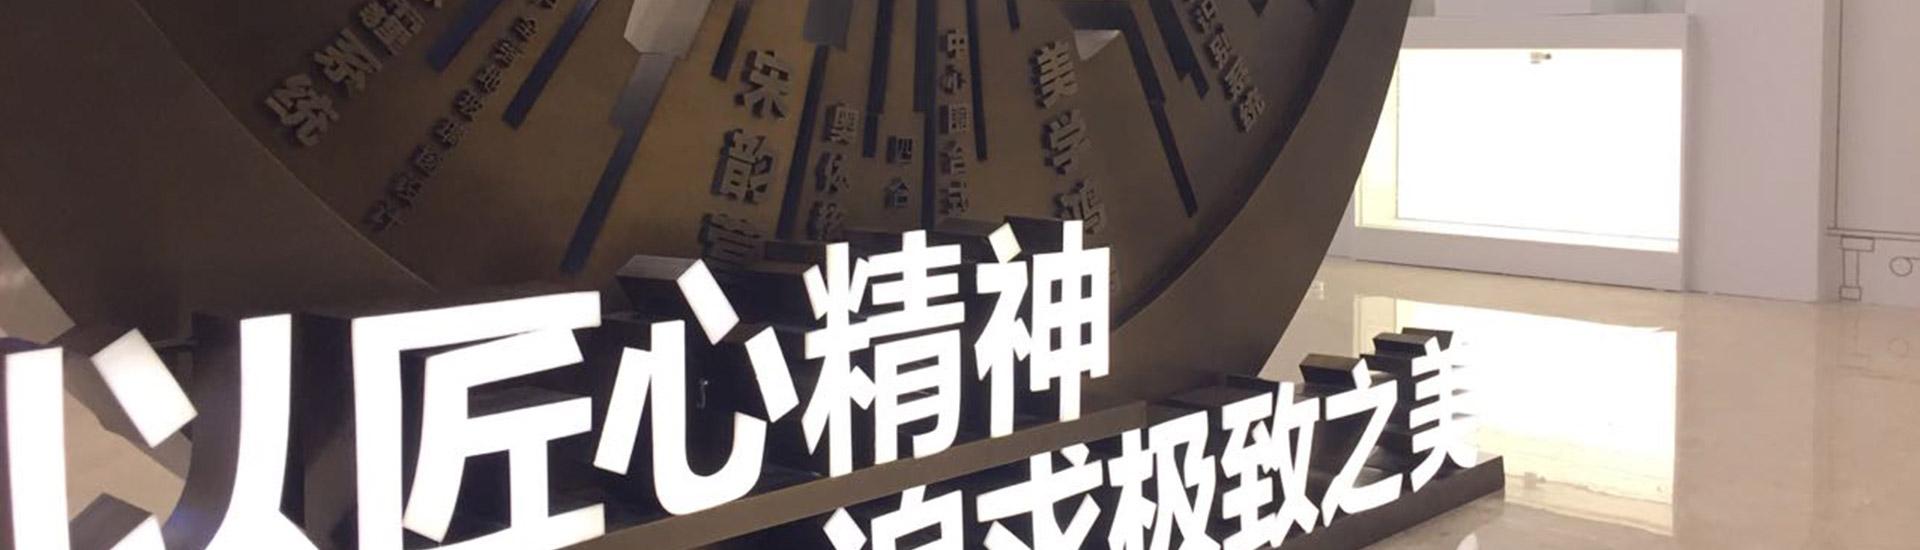 阳关城檀悦-5